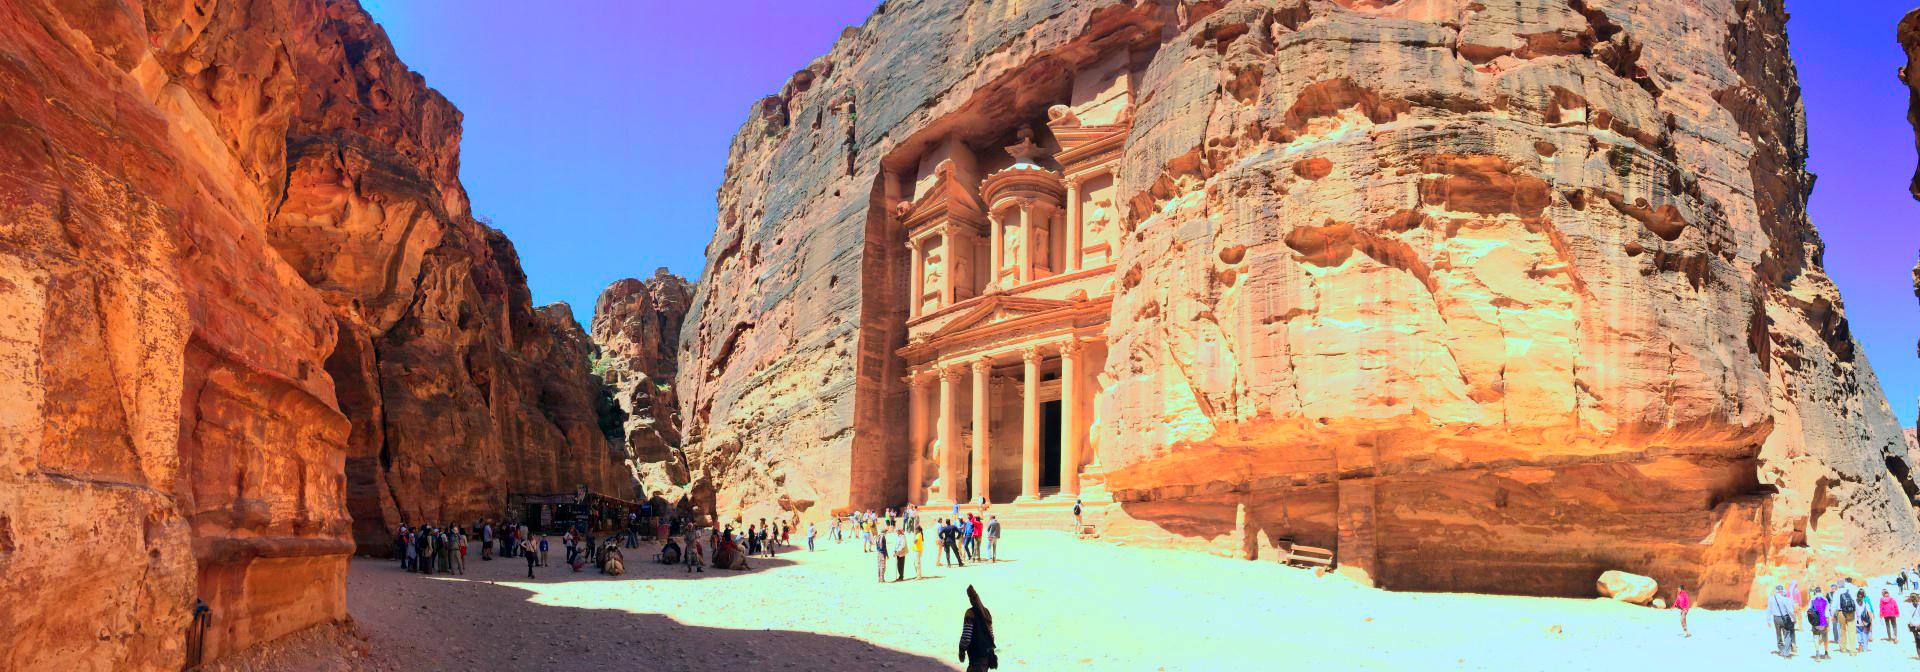 El Tesoro de Petra, Jordania petra, jordania - 28271170422 dd6e550f7d o - Petra, Jordania